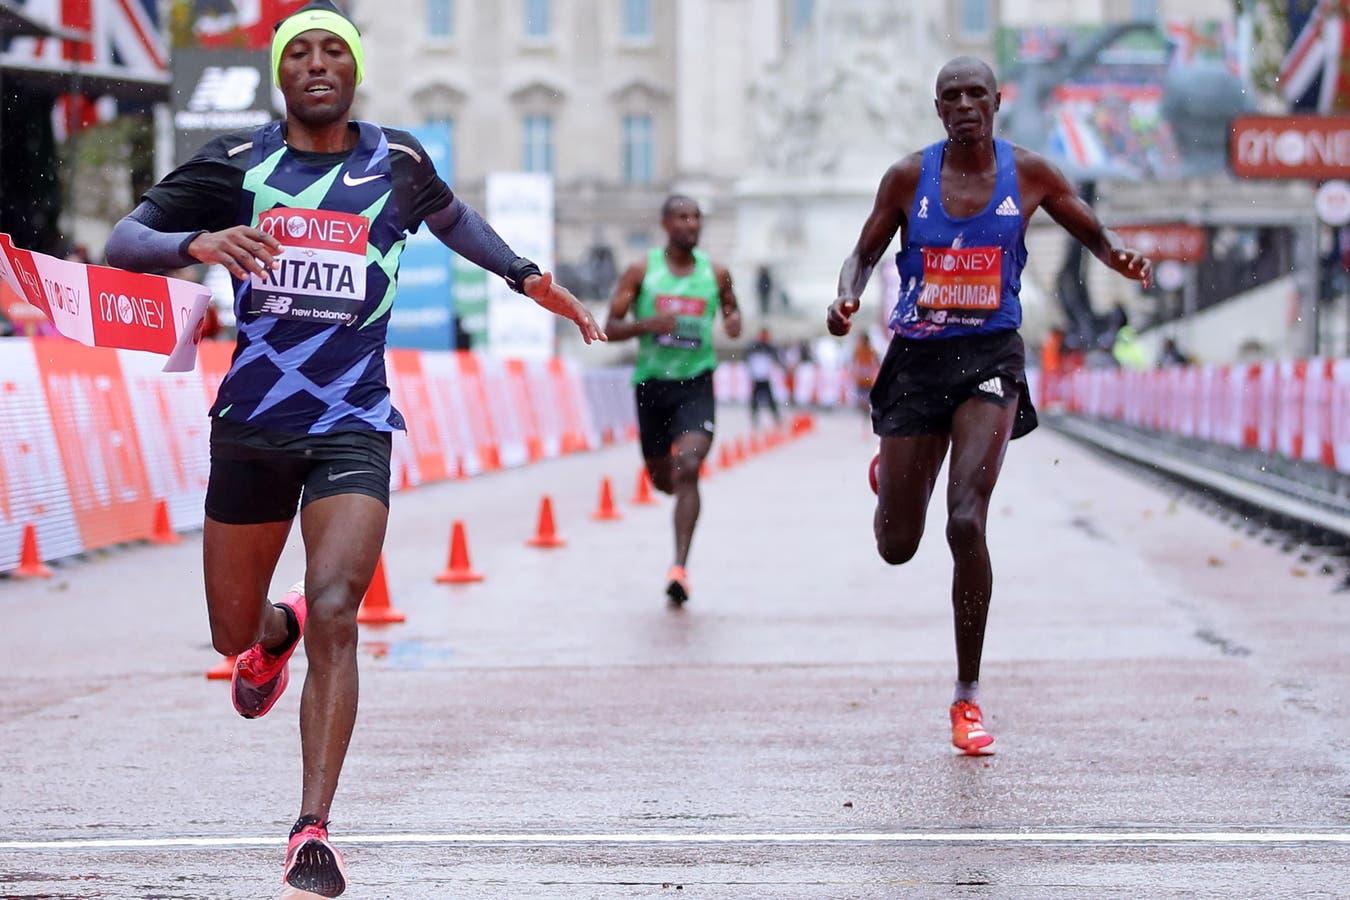 El etíope Shura Kitata supera al keniata Vincent Kipchumba y a su compatriota Sisay Lemma en el apasionante final de la Maratón de Londres